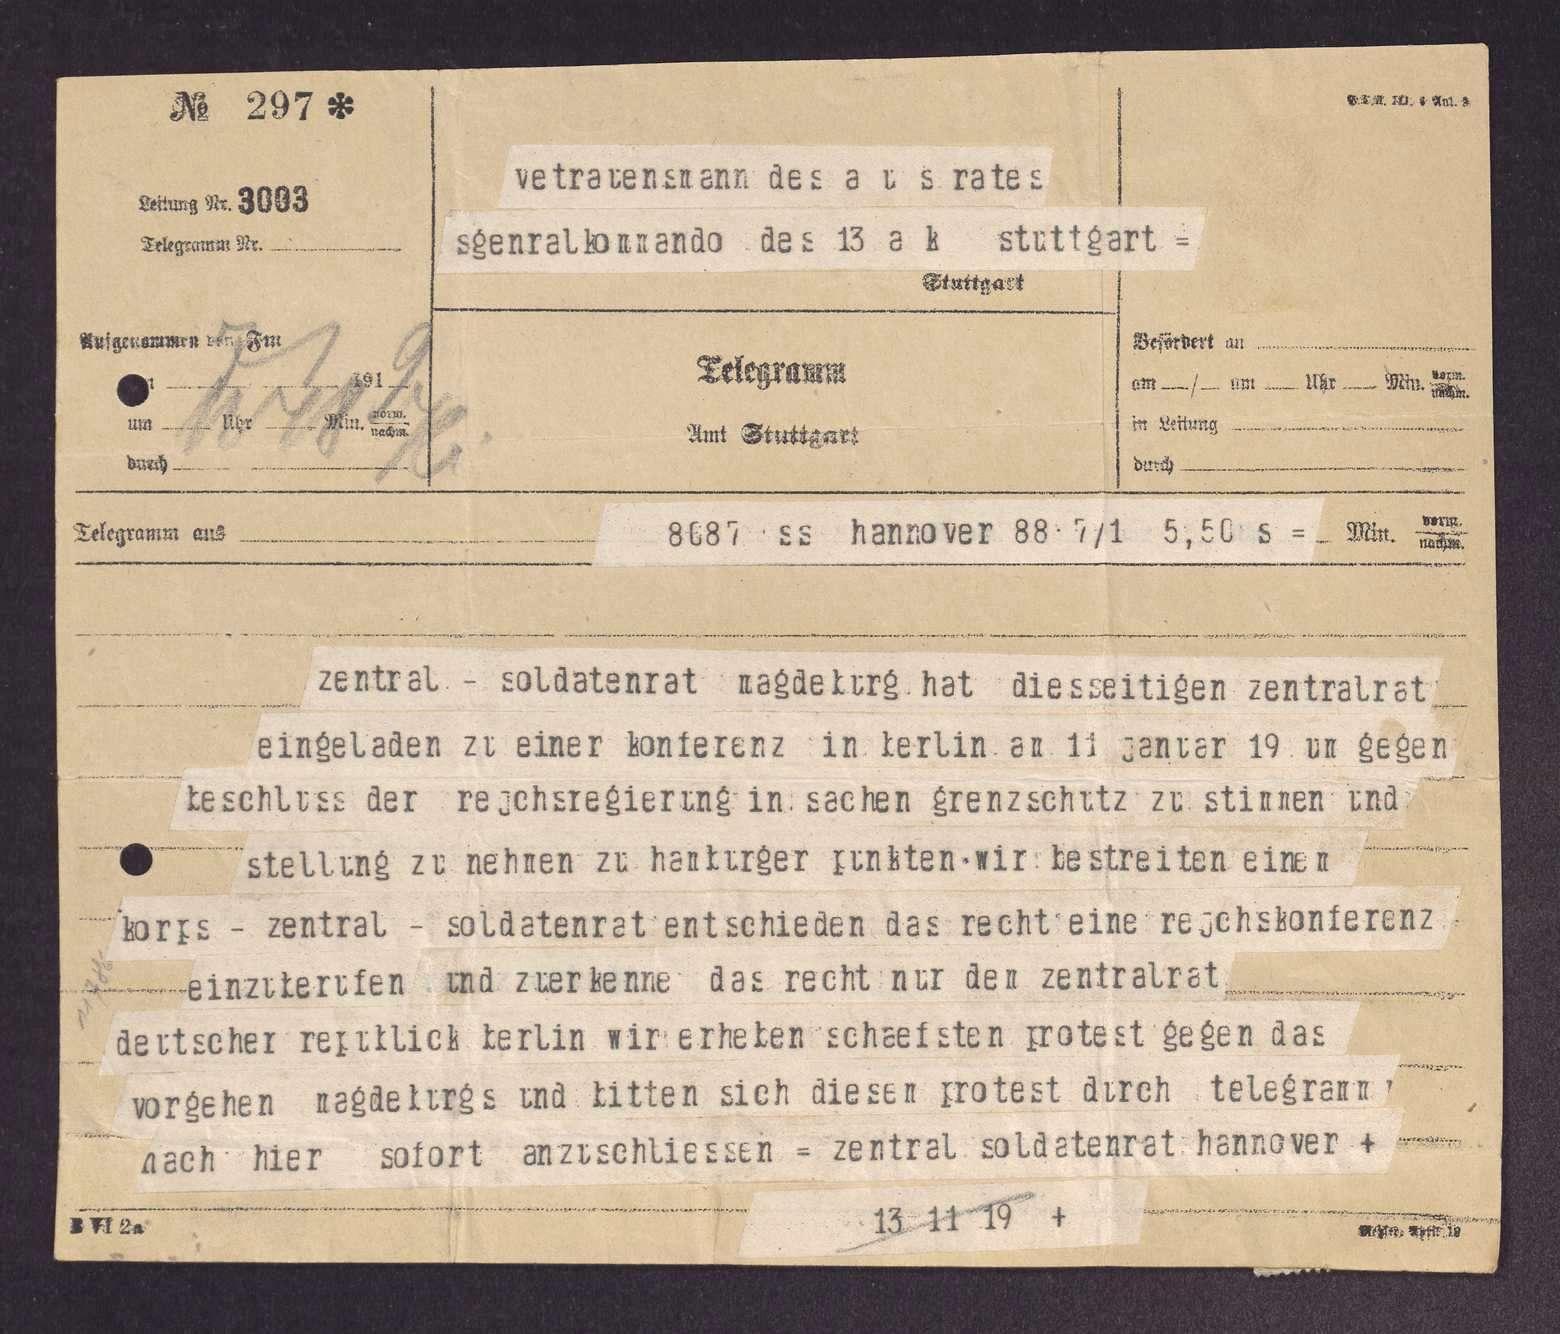 Einladung und Resolution des Kongresses der Armeekorps-Soldatenräte in Berlin, Bild 1